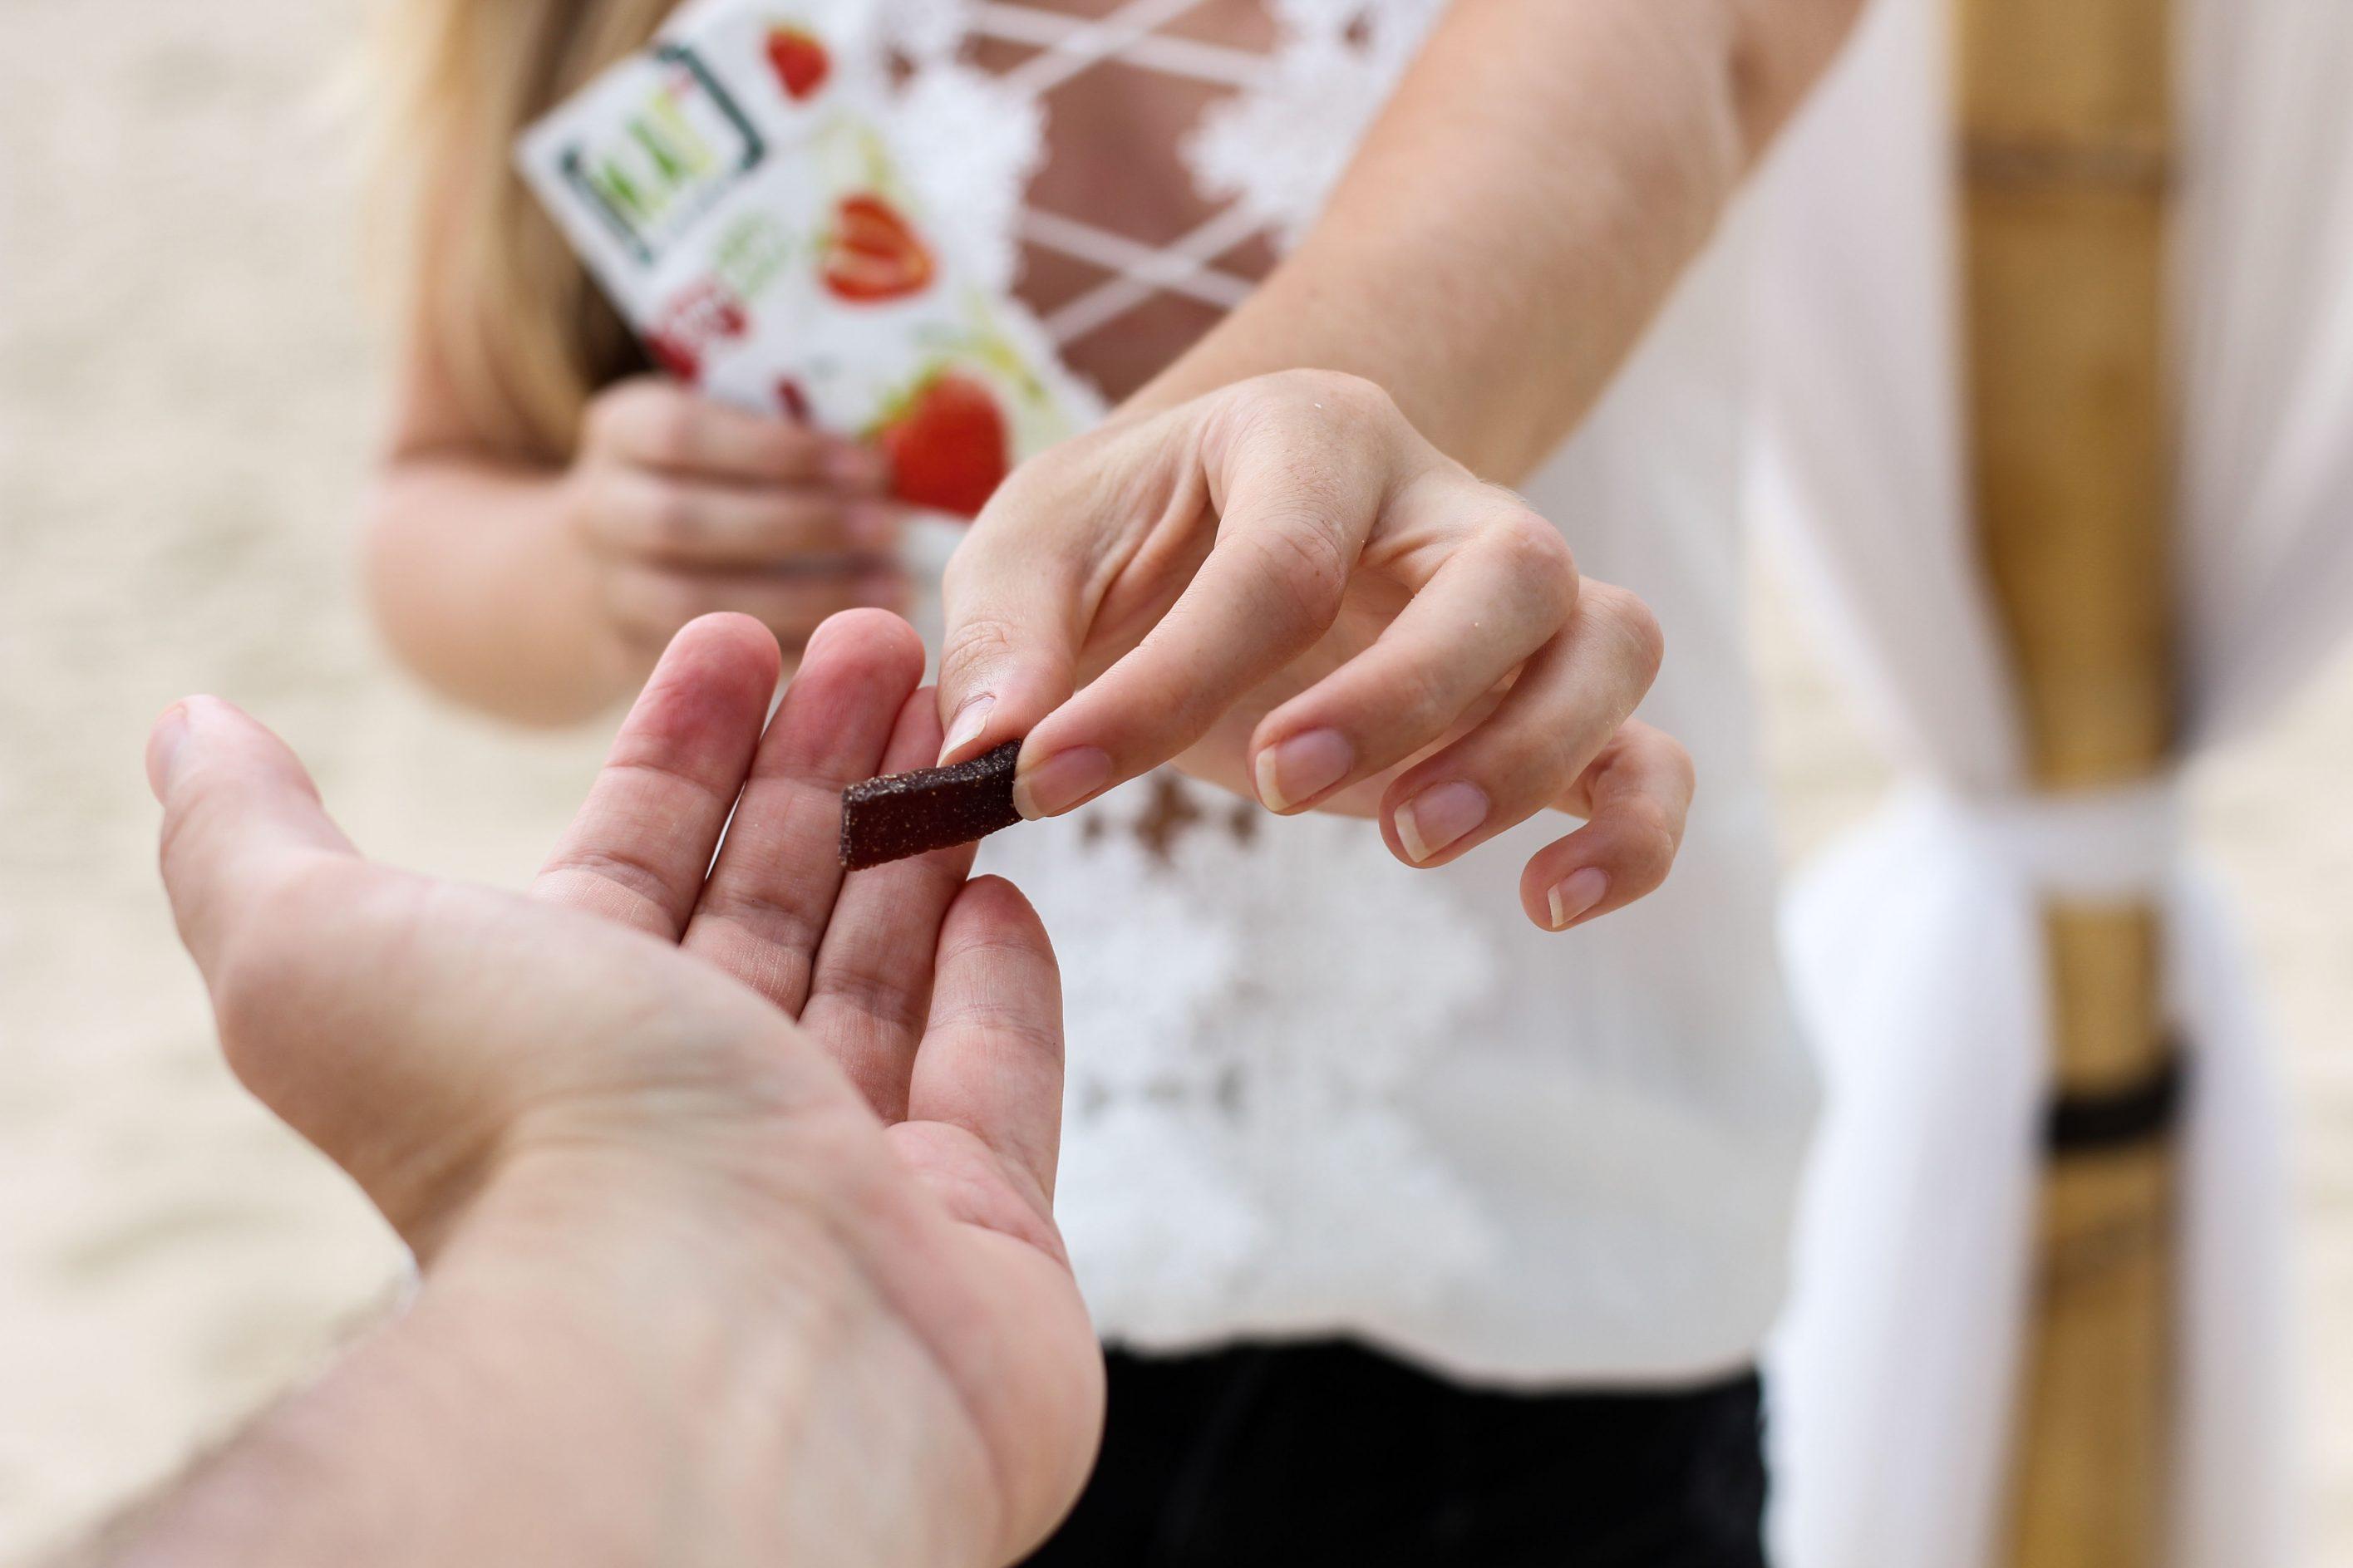 Nature Addicts N.A. Frucht Snacks vegan glutenfrei ohne Zusatzstoffe Tipps fürs Handgepäck bei Flugreisen Reiseblog BrinisFashionBook 2